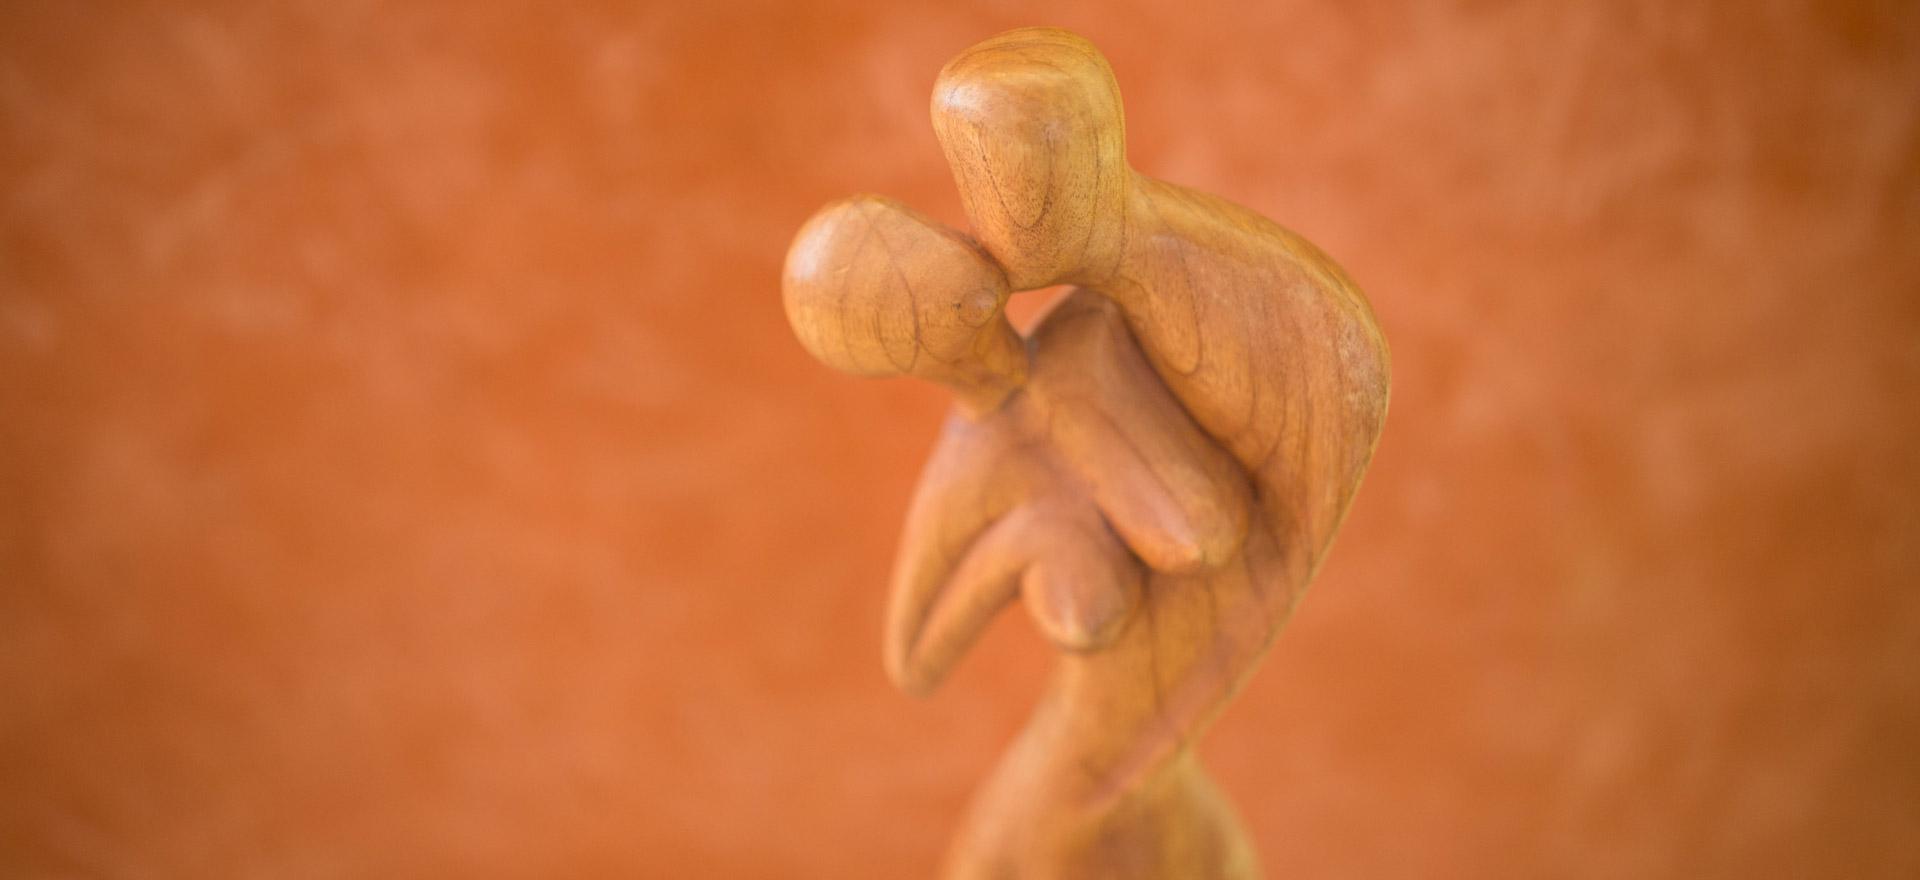 Holzfiguren stehen sinnbildlich für die ästhetische Chirurgie in der Belleza-Klinik in Berlin.